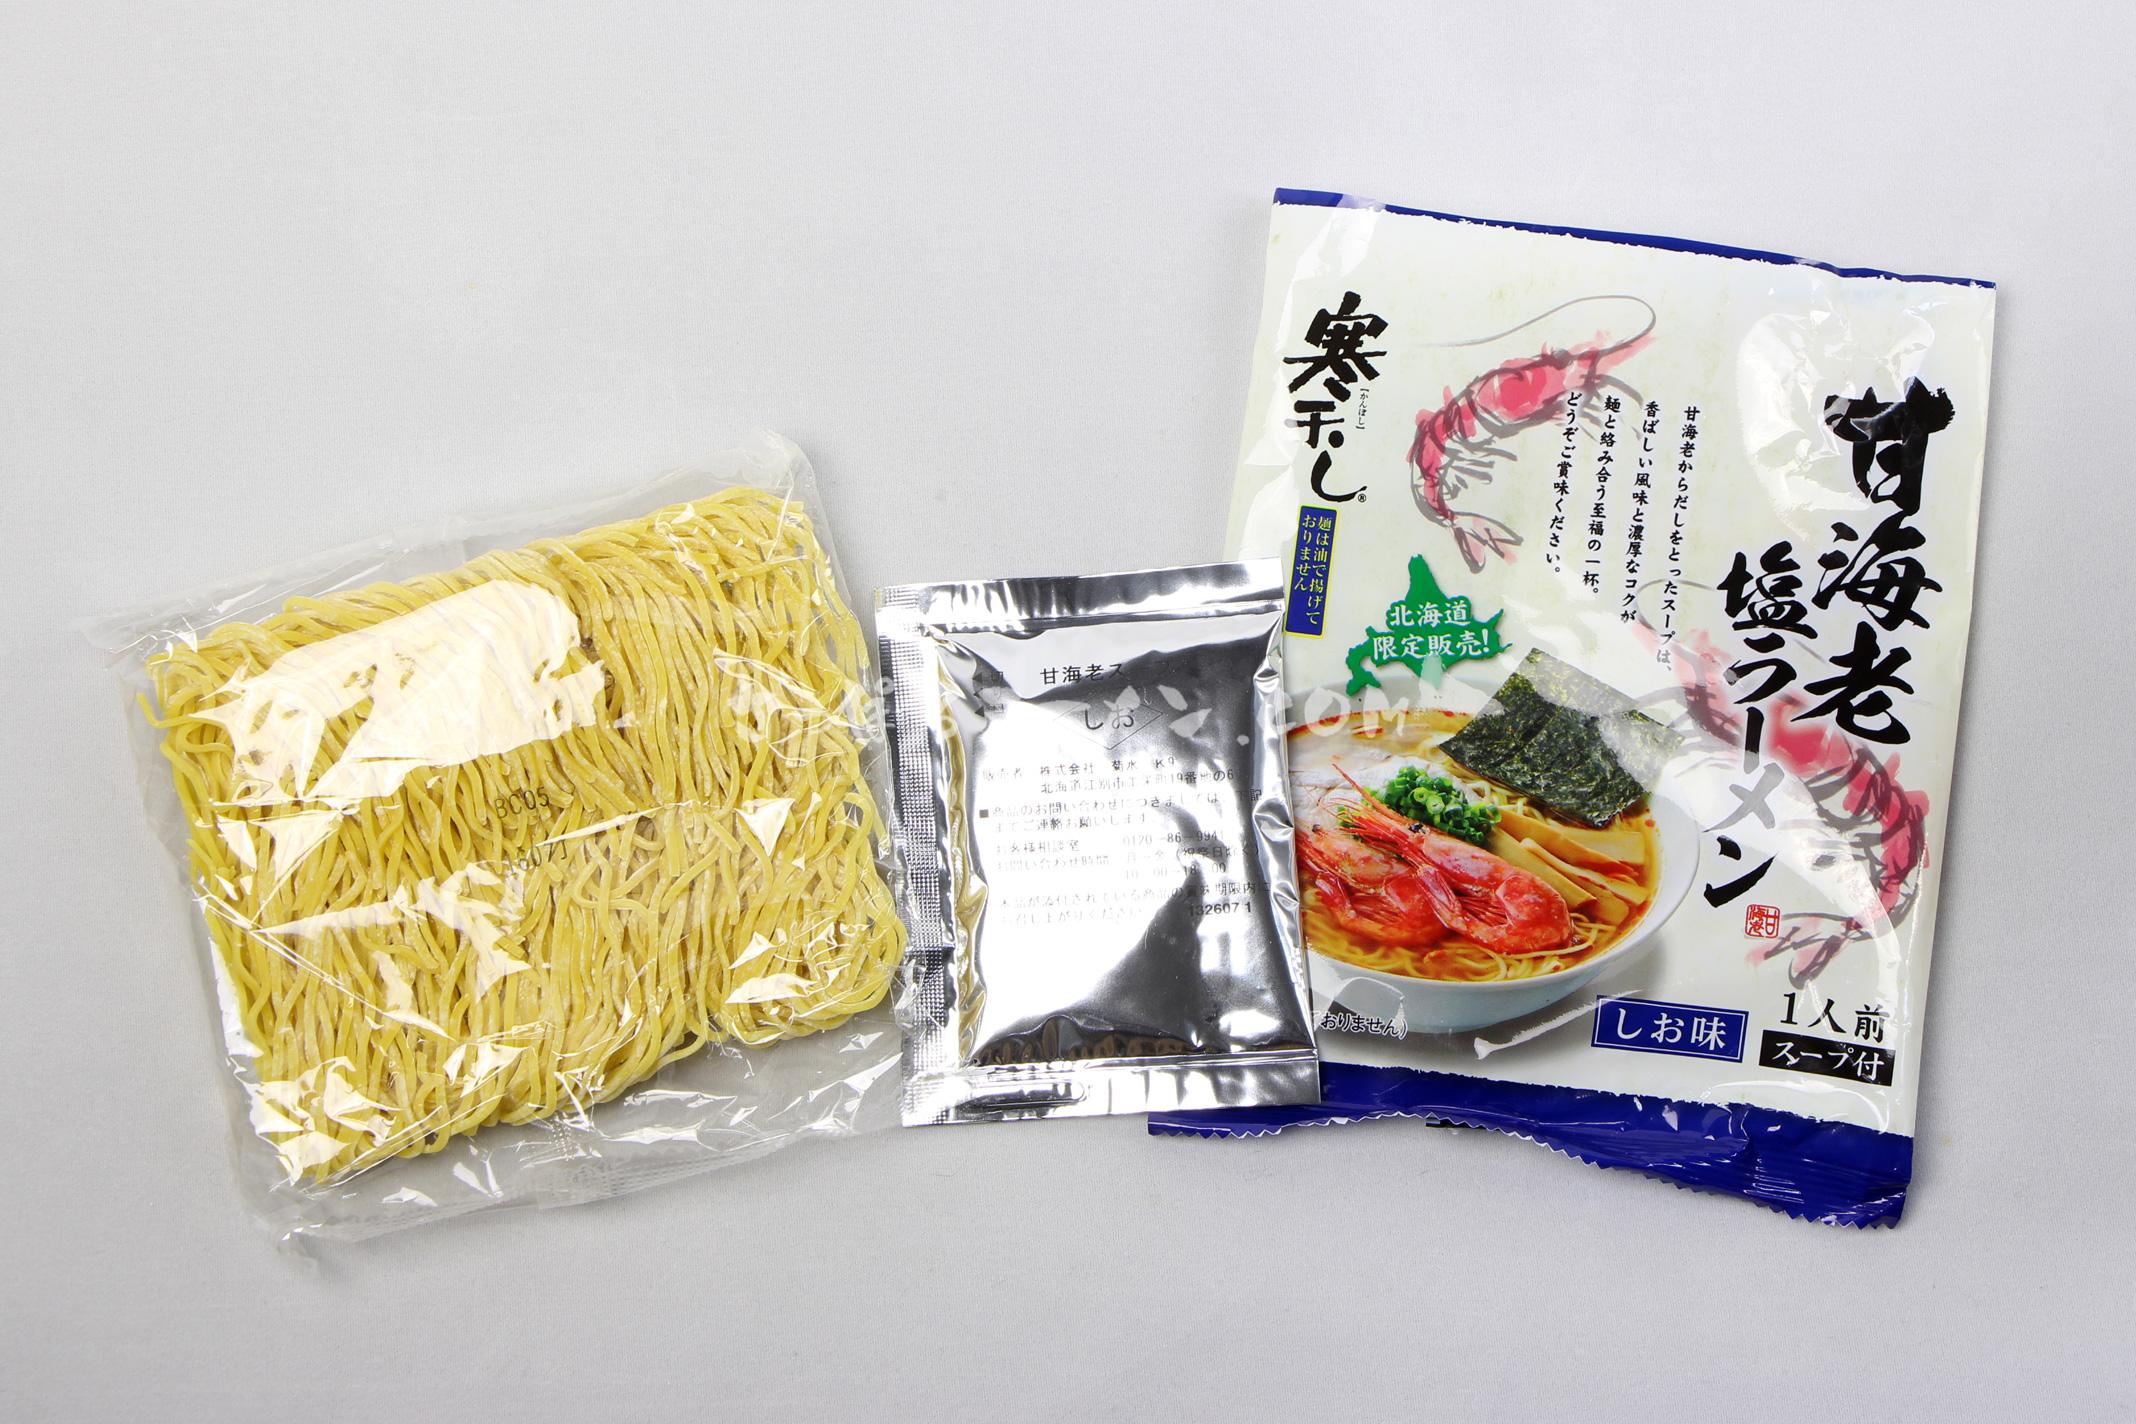 「北海道限定販売 寒干し 甘海老塩ラーメン」(菊水)の麺とスープ